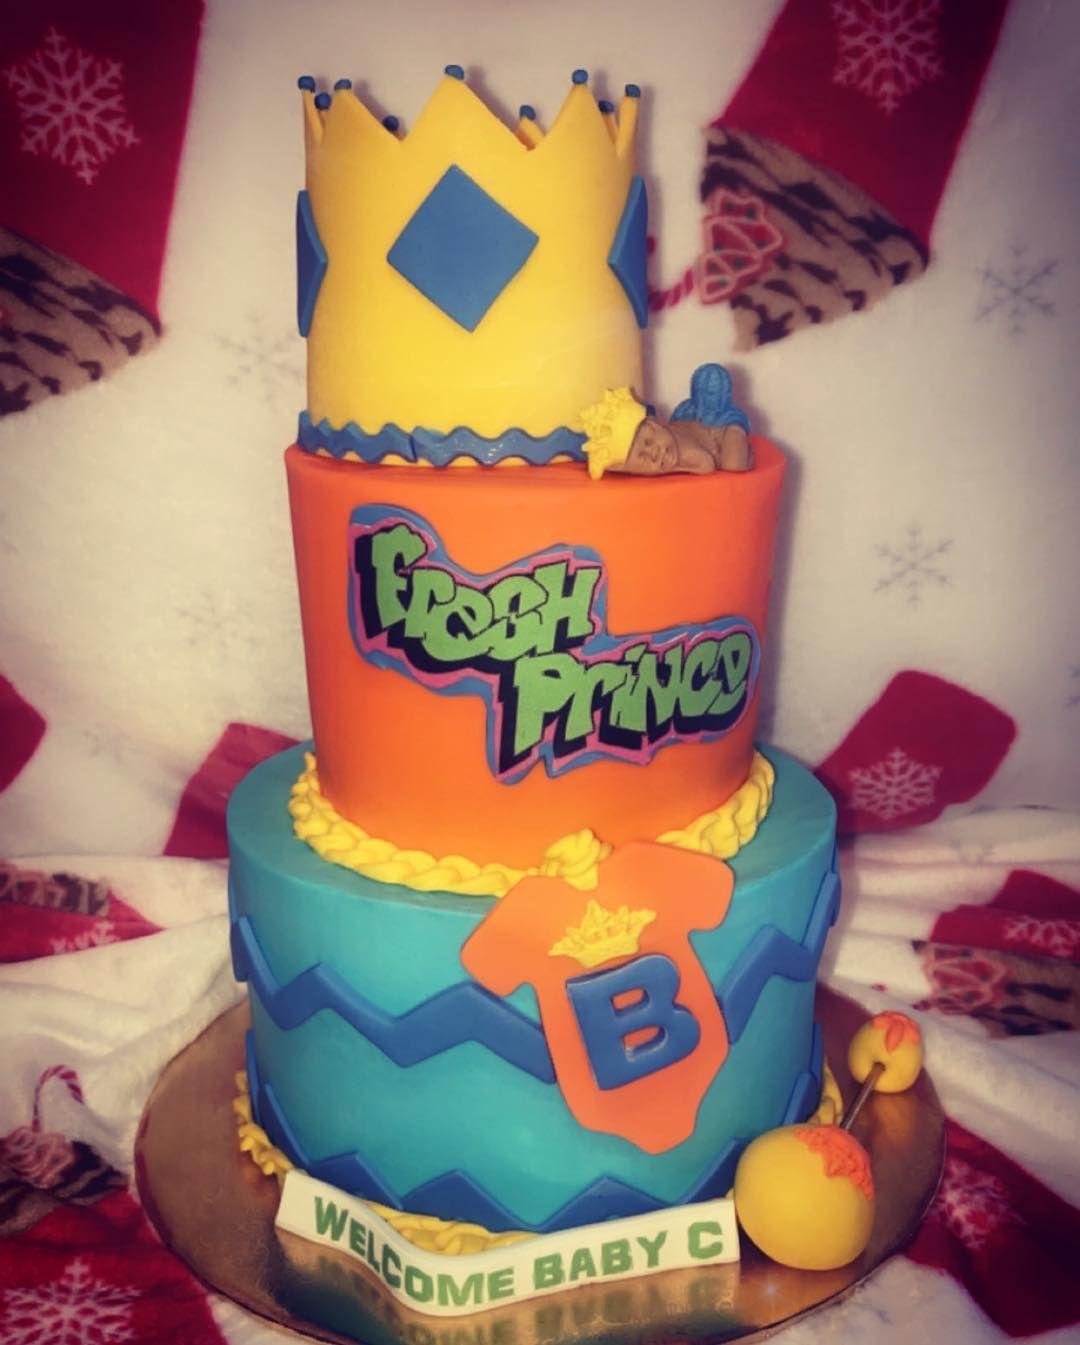 Fresh Prince Themed Baby Shower Cake Freshprinceofbelair